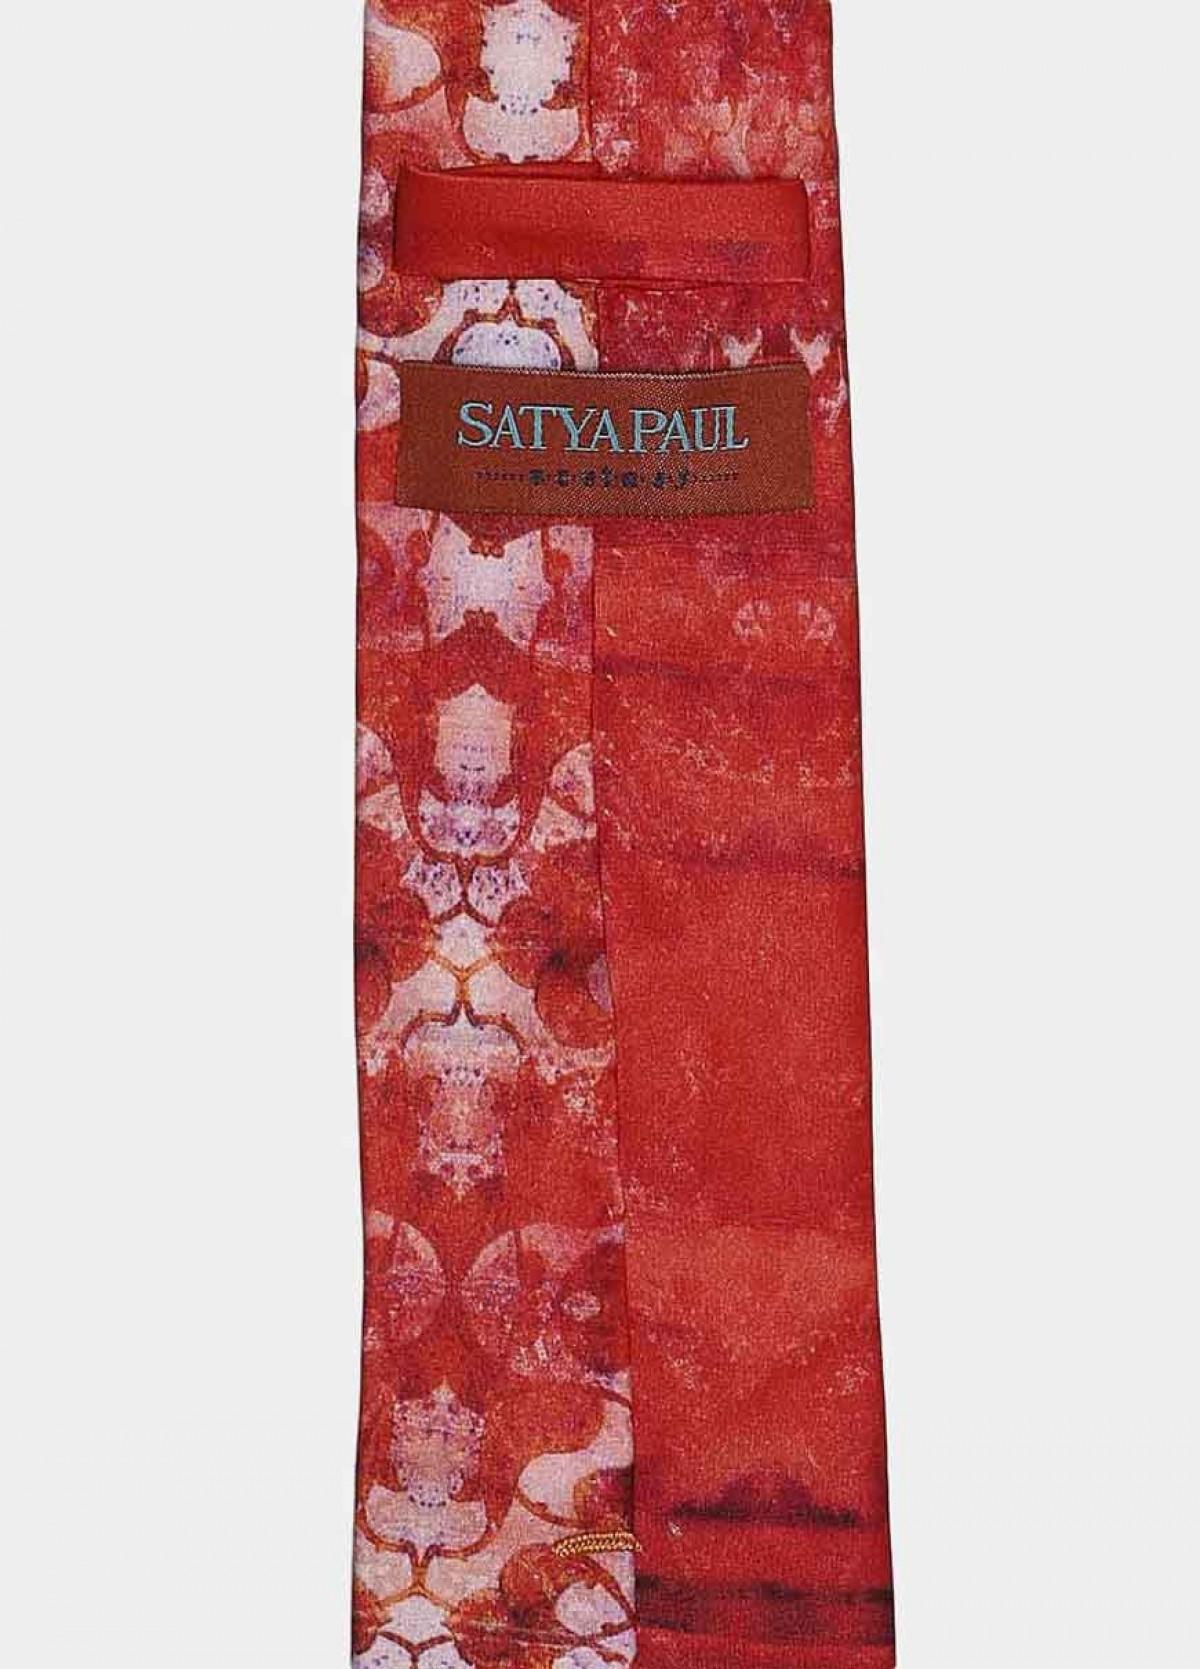 The Red Signature Tie